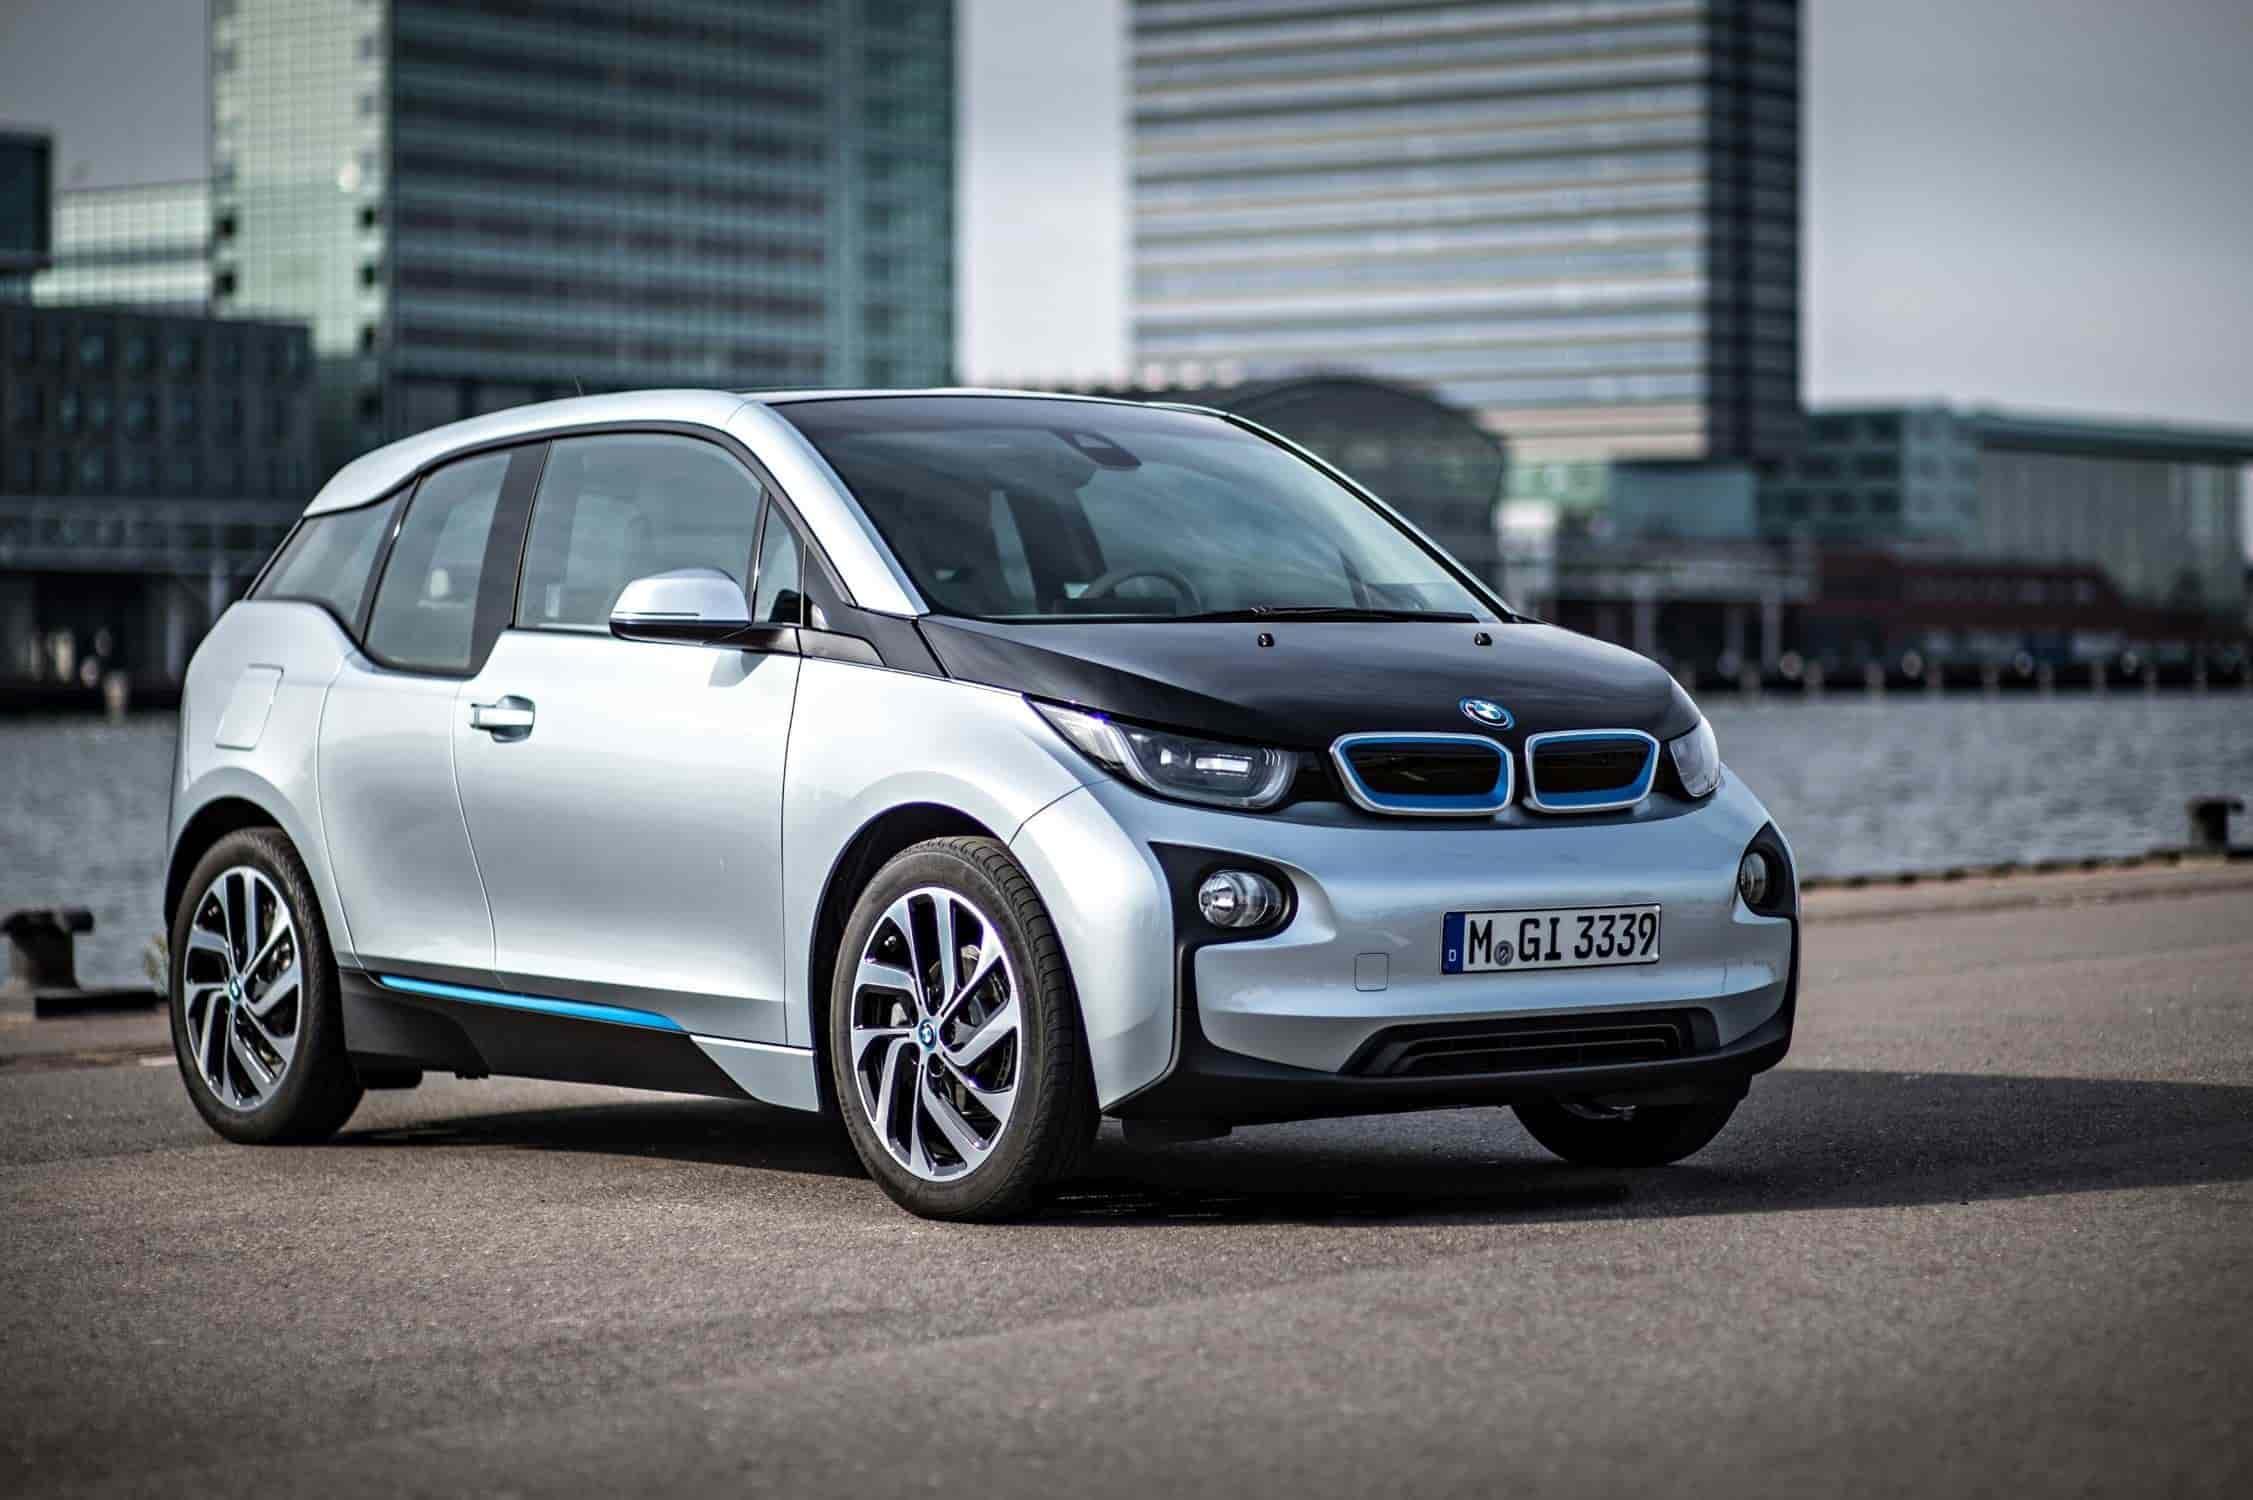 8. BMW i3 – 2013.La parrilla doble incluida en el BMW i3 contaba con un diseño plano y ancho, una superficie cerrada y acentos en azul, lo que lo identifica como un vehículo BMW eléctrico e innovador. La aerodinámica del BMW i3 se beneficia de la parrilla doble cerrada. Un diseño muy similar se encuentra en el BMW i8. Esta parrilla sería la inspiración para los próximos modelos totalmente eléctricos de la marca.